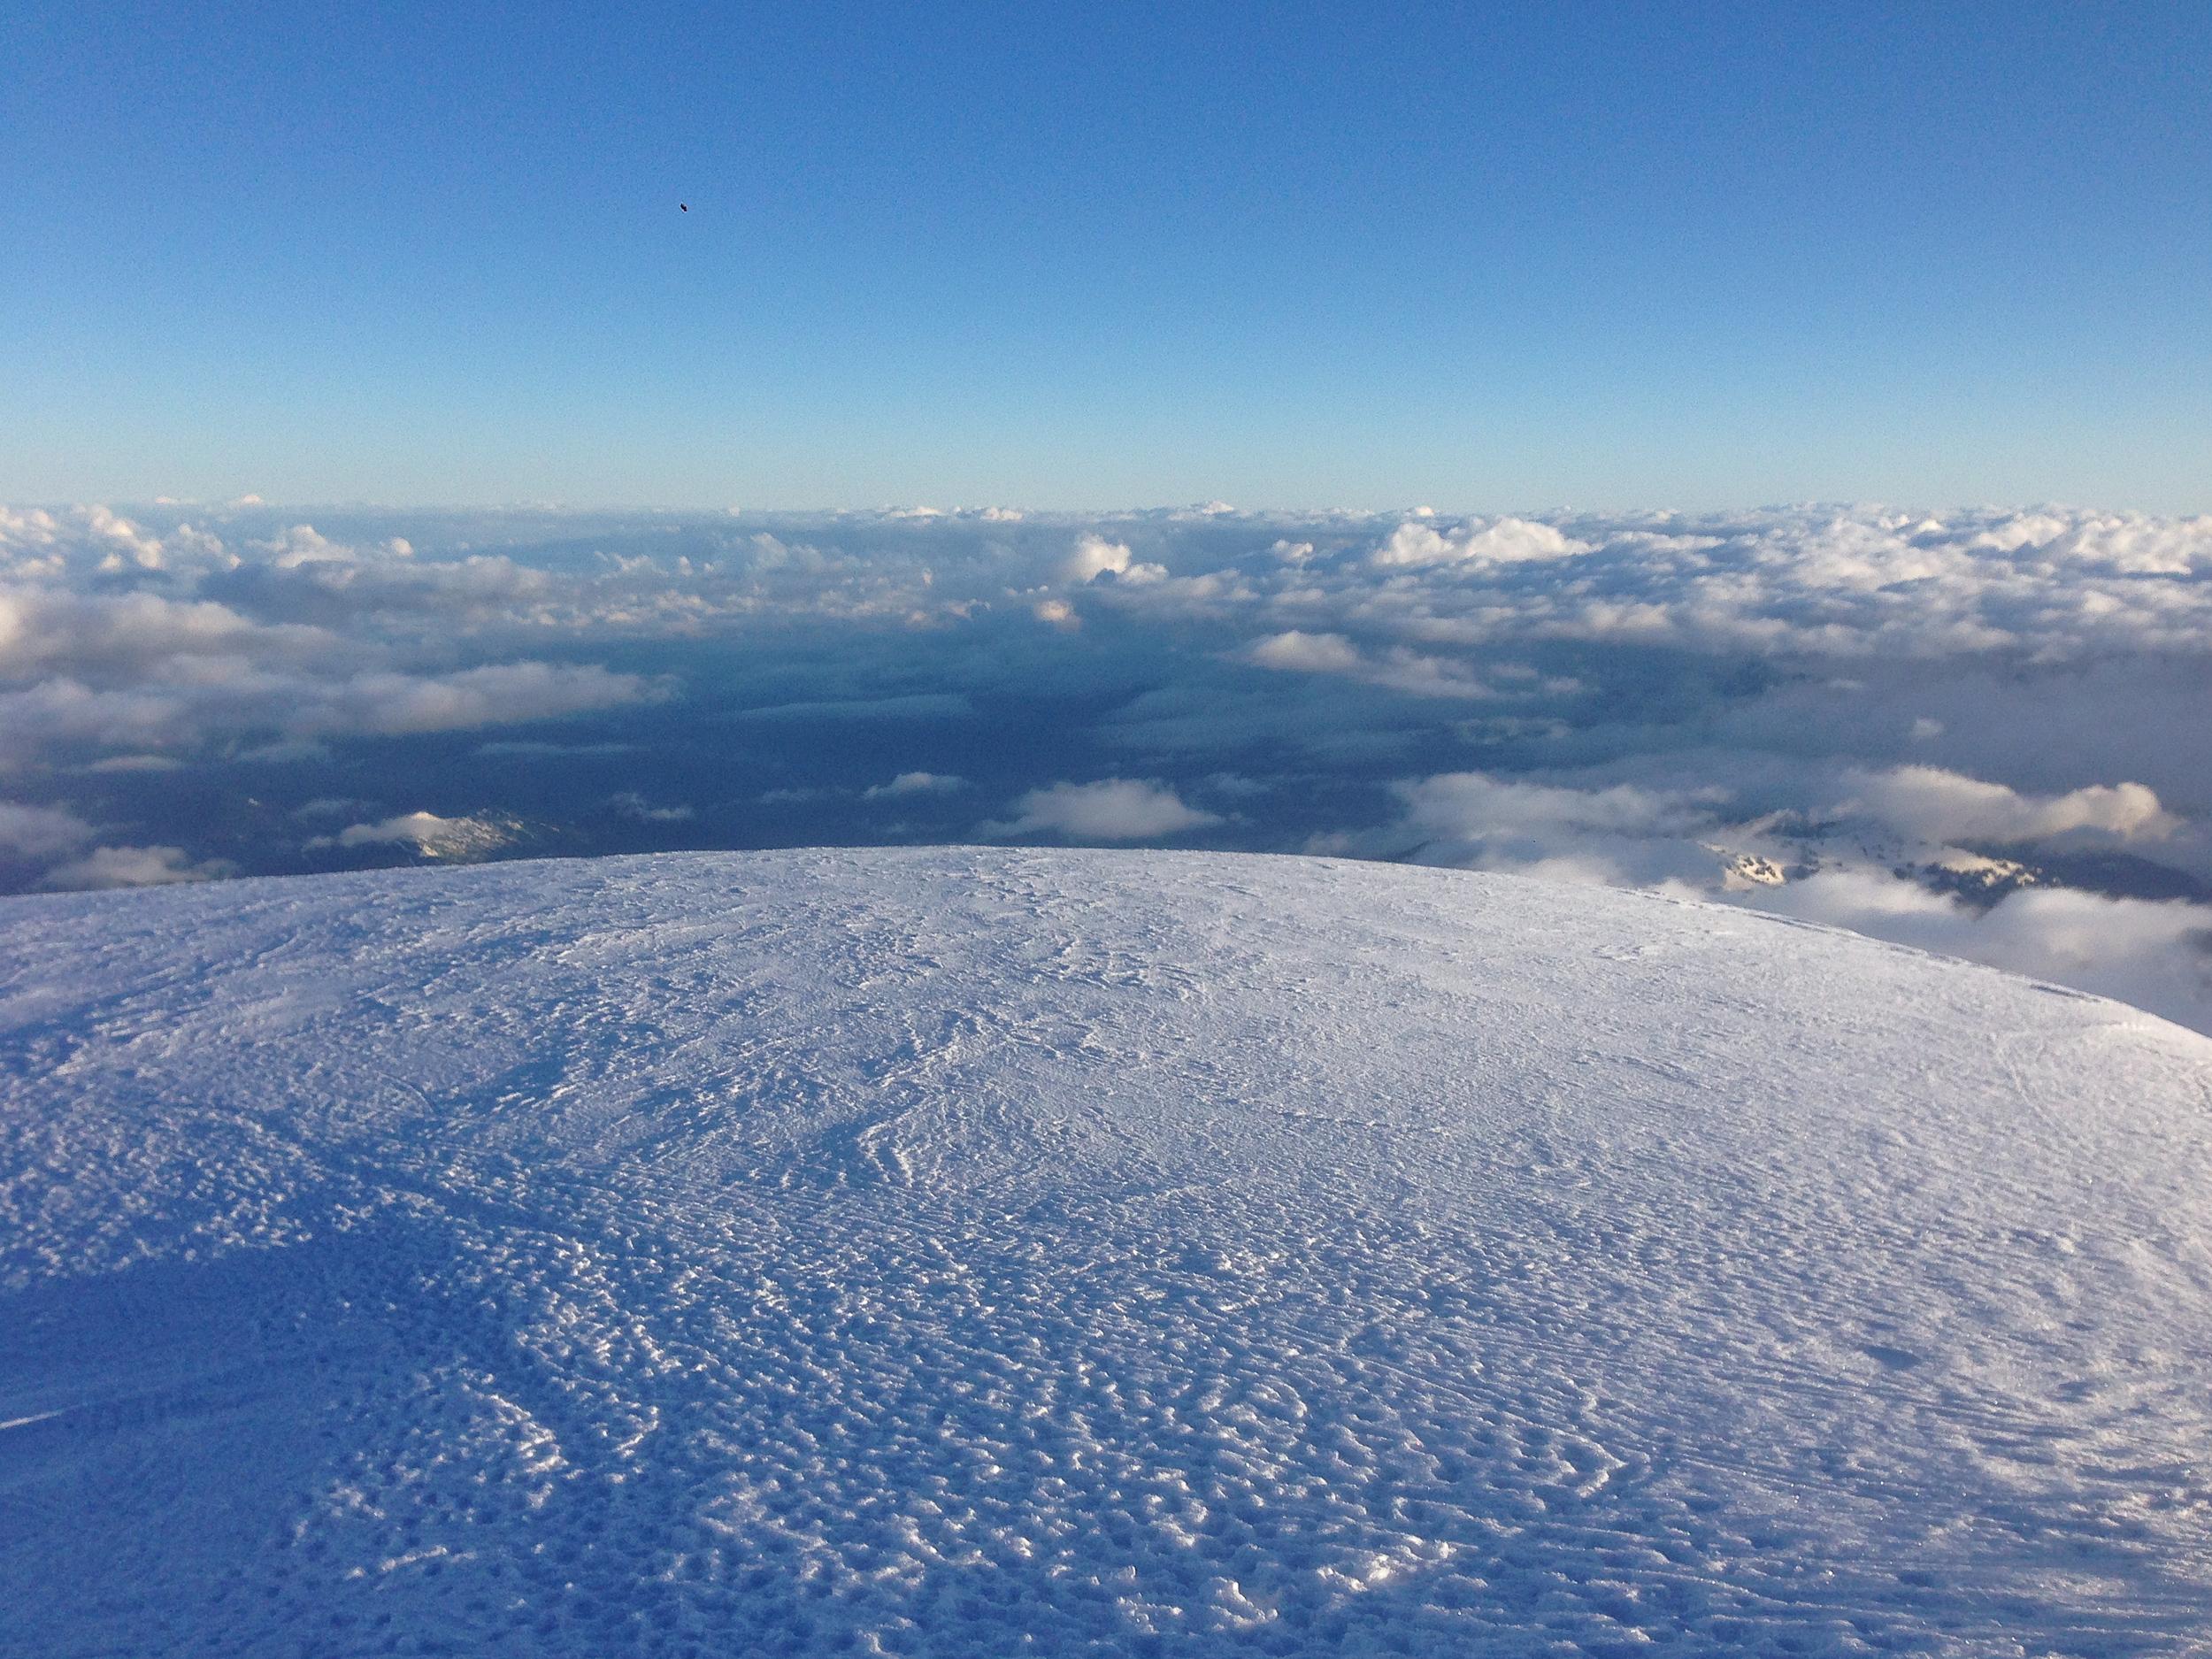 The summit of Mount Baker, Washington.